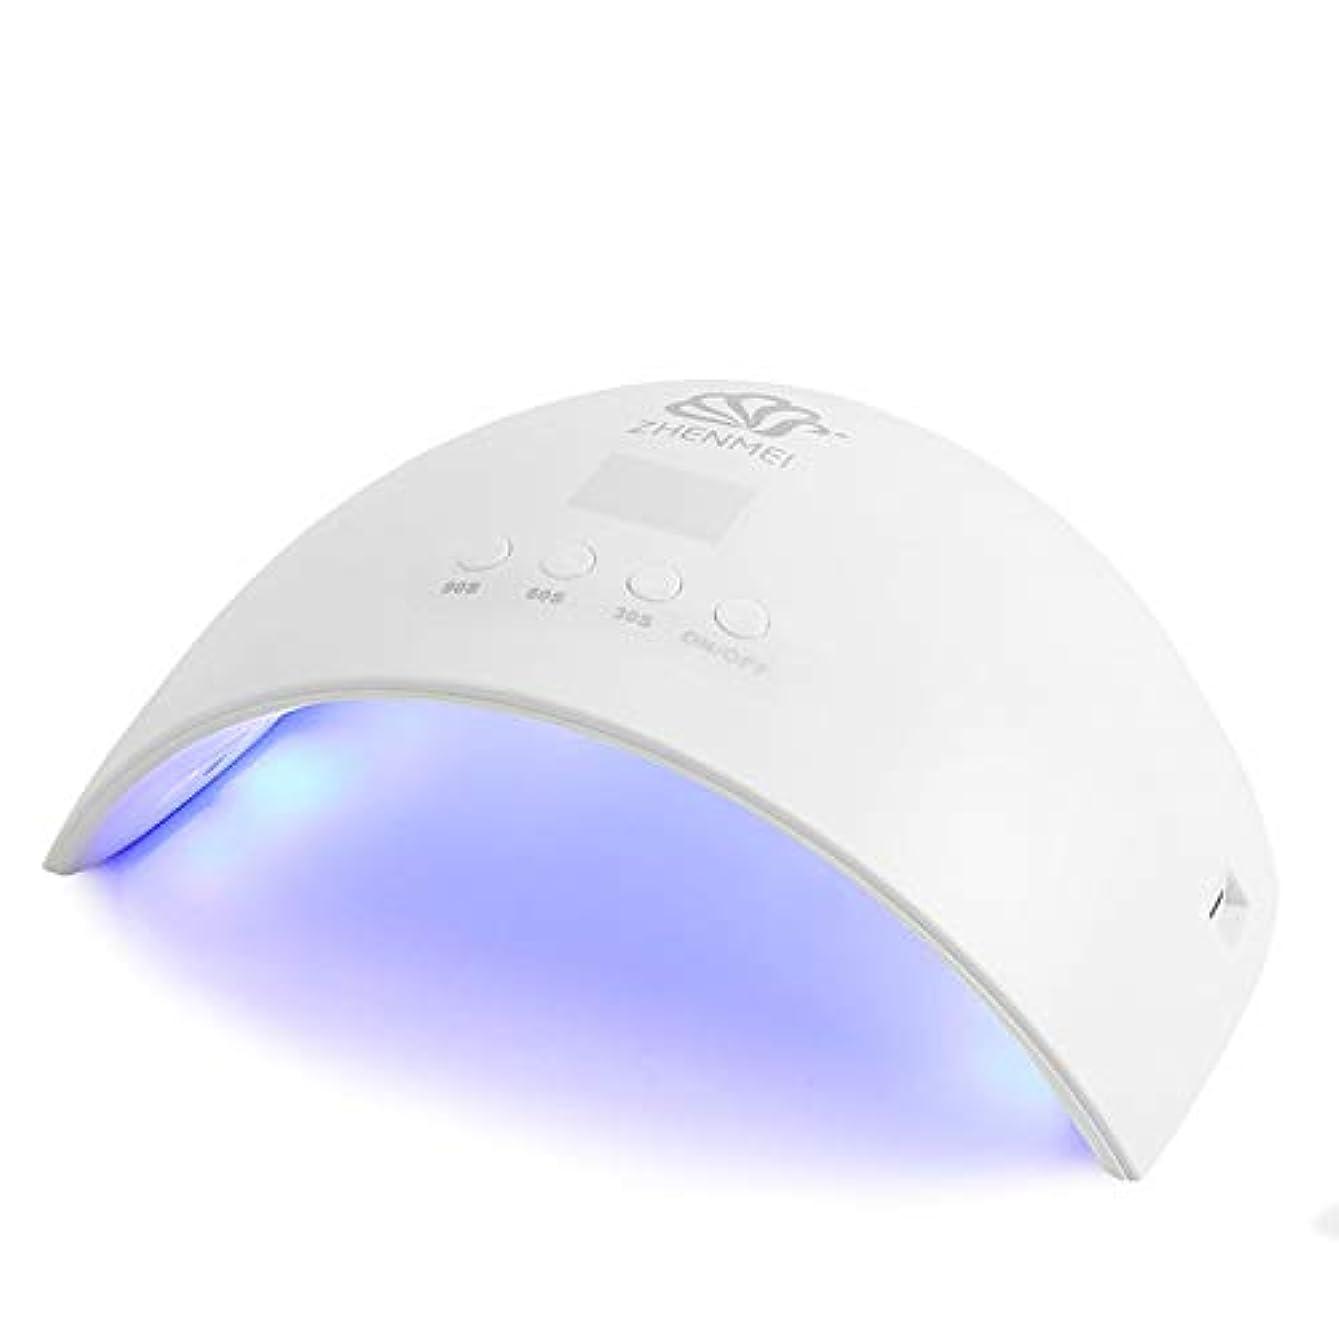 完璧なアヒル薄暗いLEDインジケータ24W 12デュアル光源UV + LED、自動検知、4タイマー設定30/60 / 90S / 99S、プロネイルライトUV LEDネイルライト家庭用ネイル/プロ用